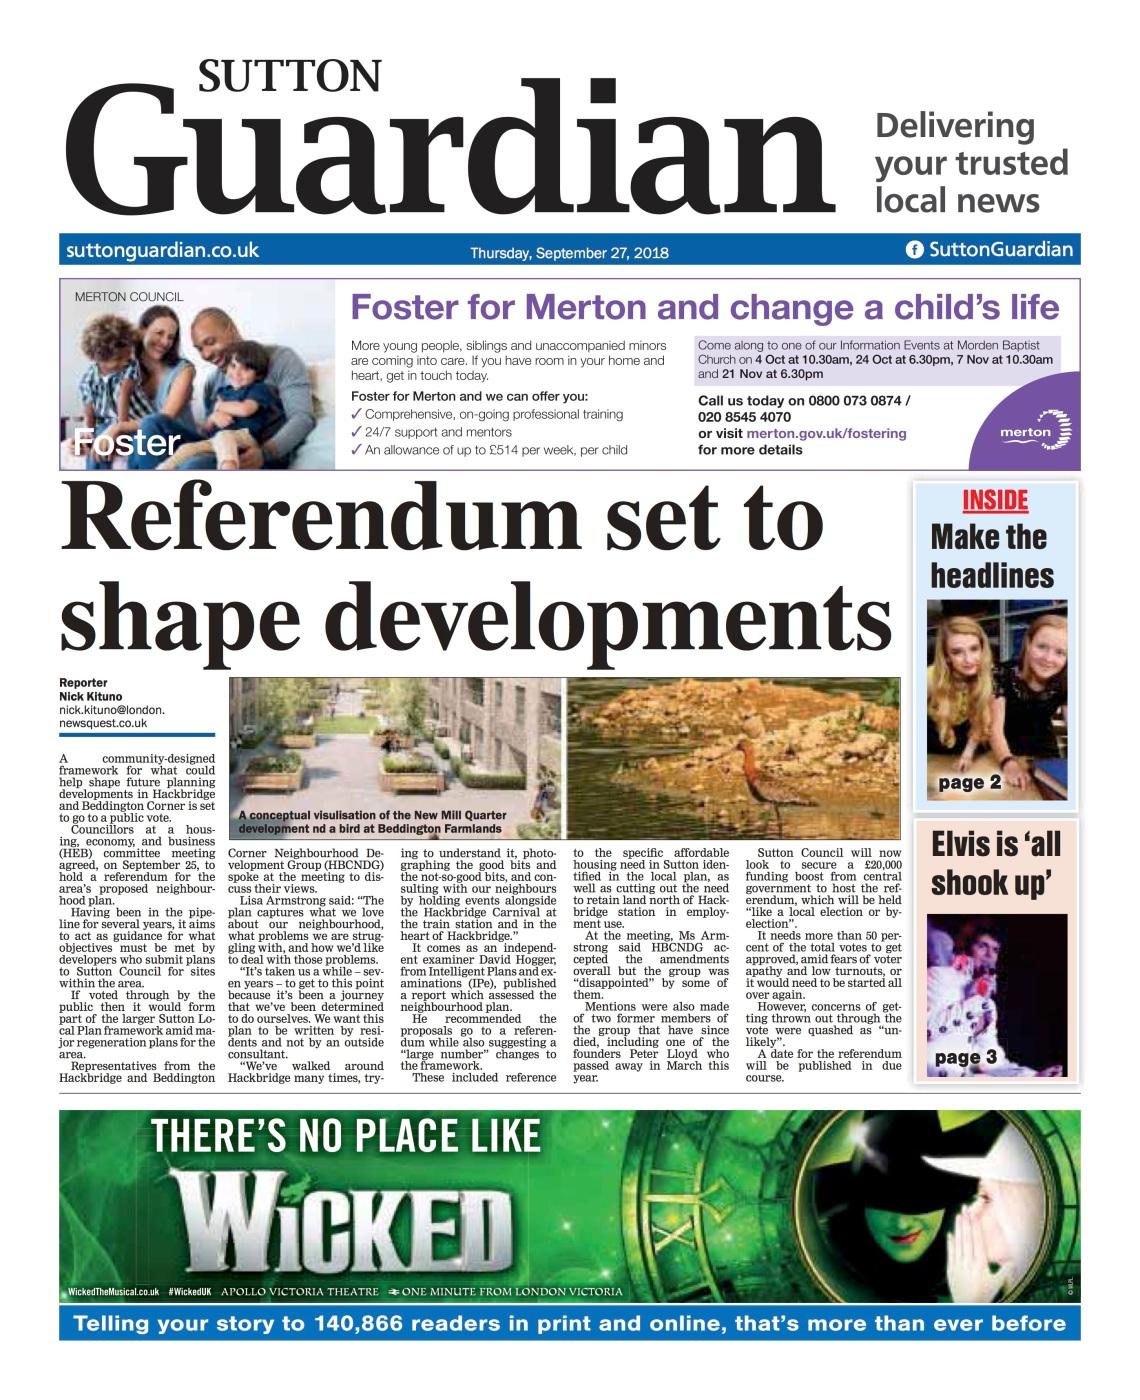 Sutton Guardian article - 27 Sept 2018